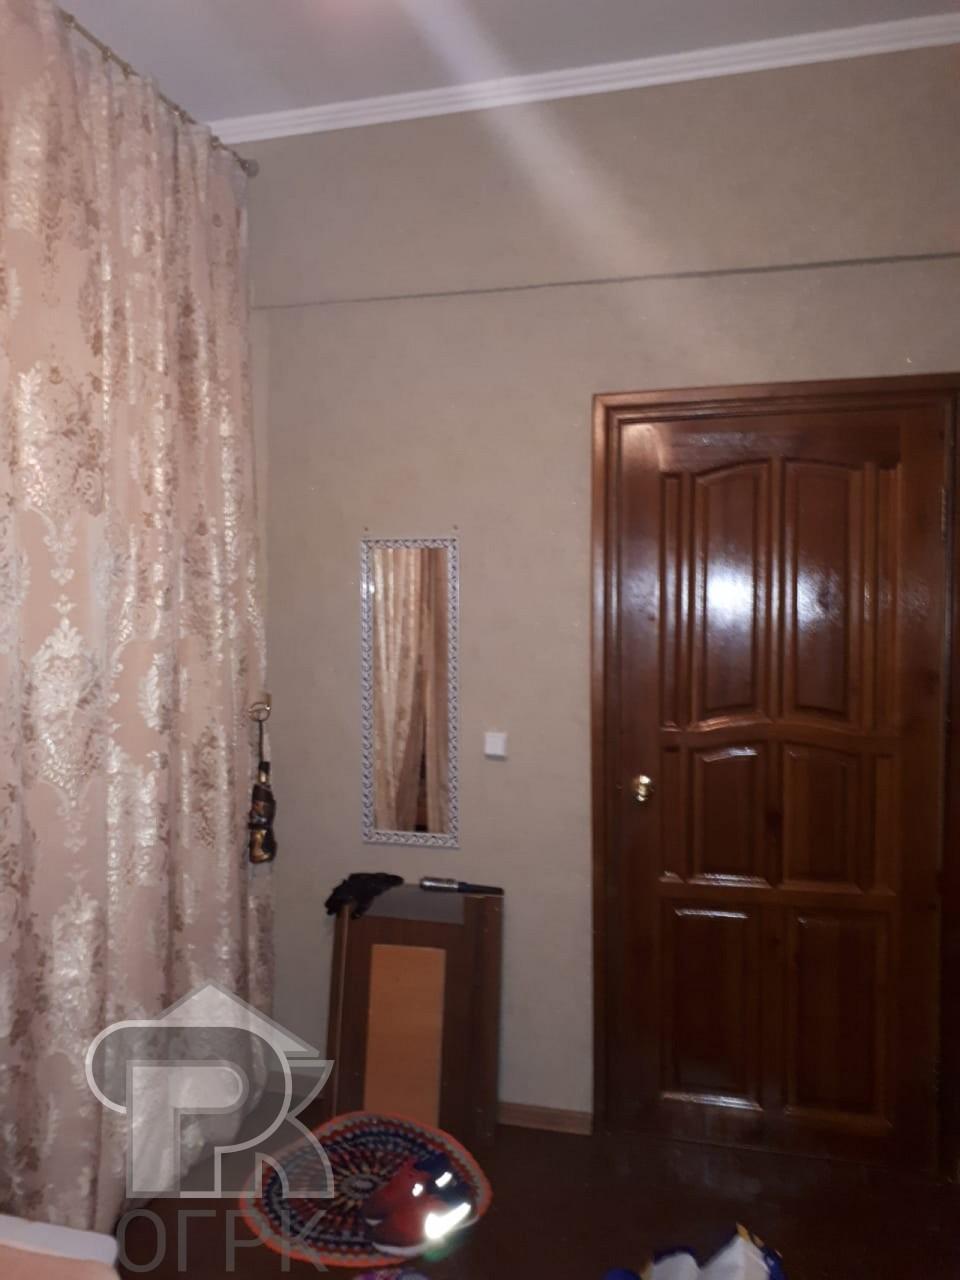 Купить комнату в 3-ккв, город Москва, Москва, ул. 5-я Парковая, д.48к.2, №324307